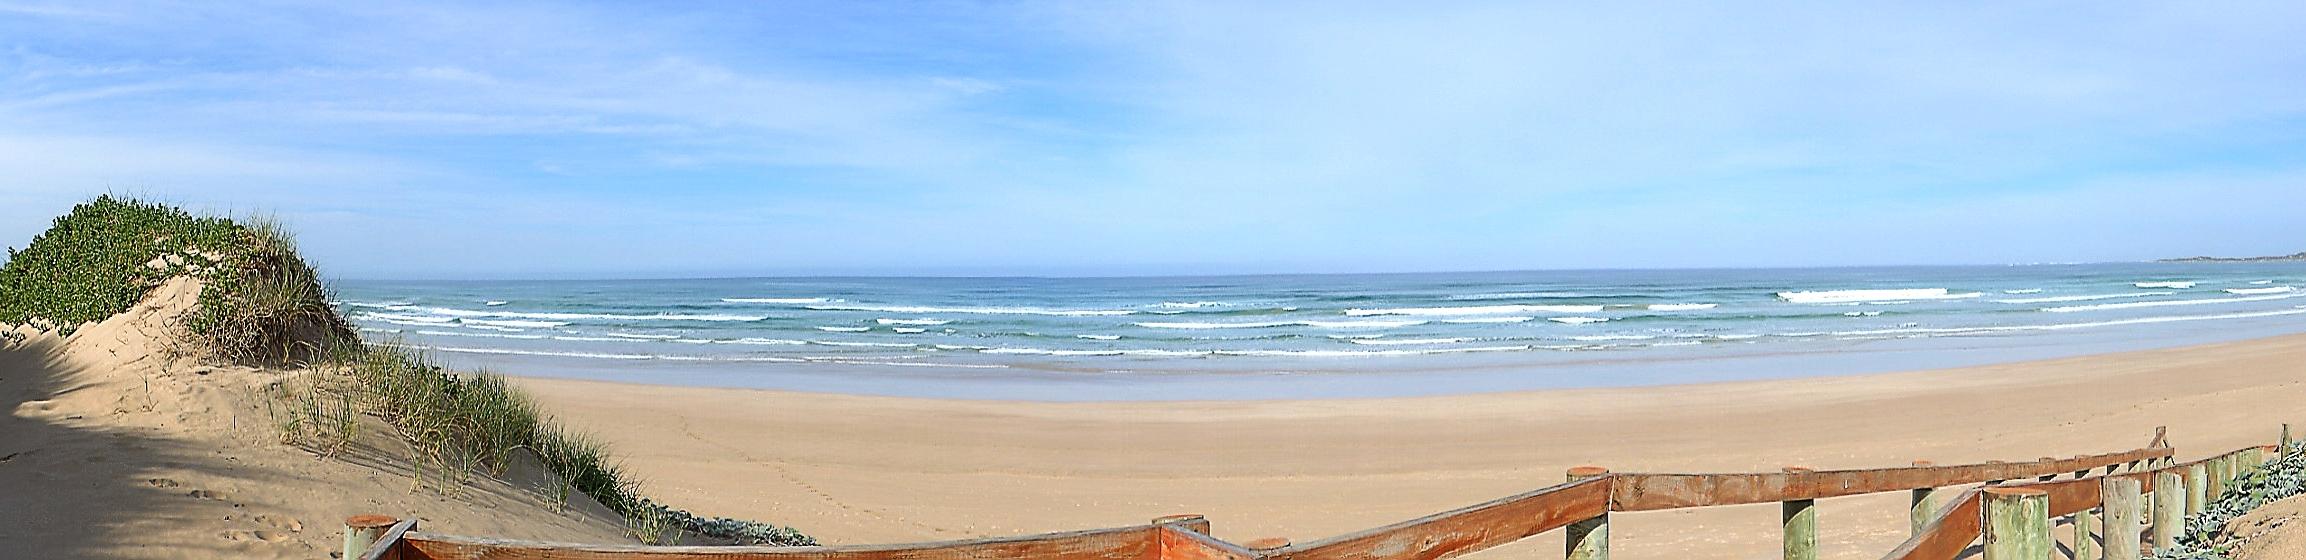 Preekstoel Beach